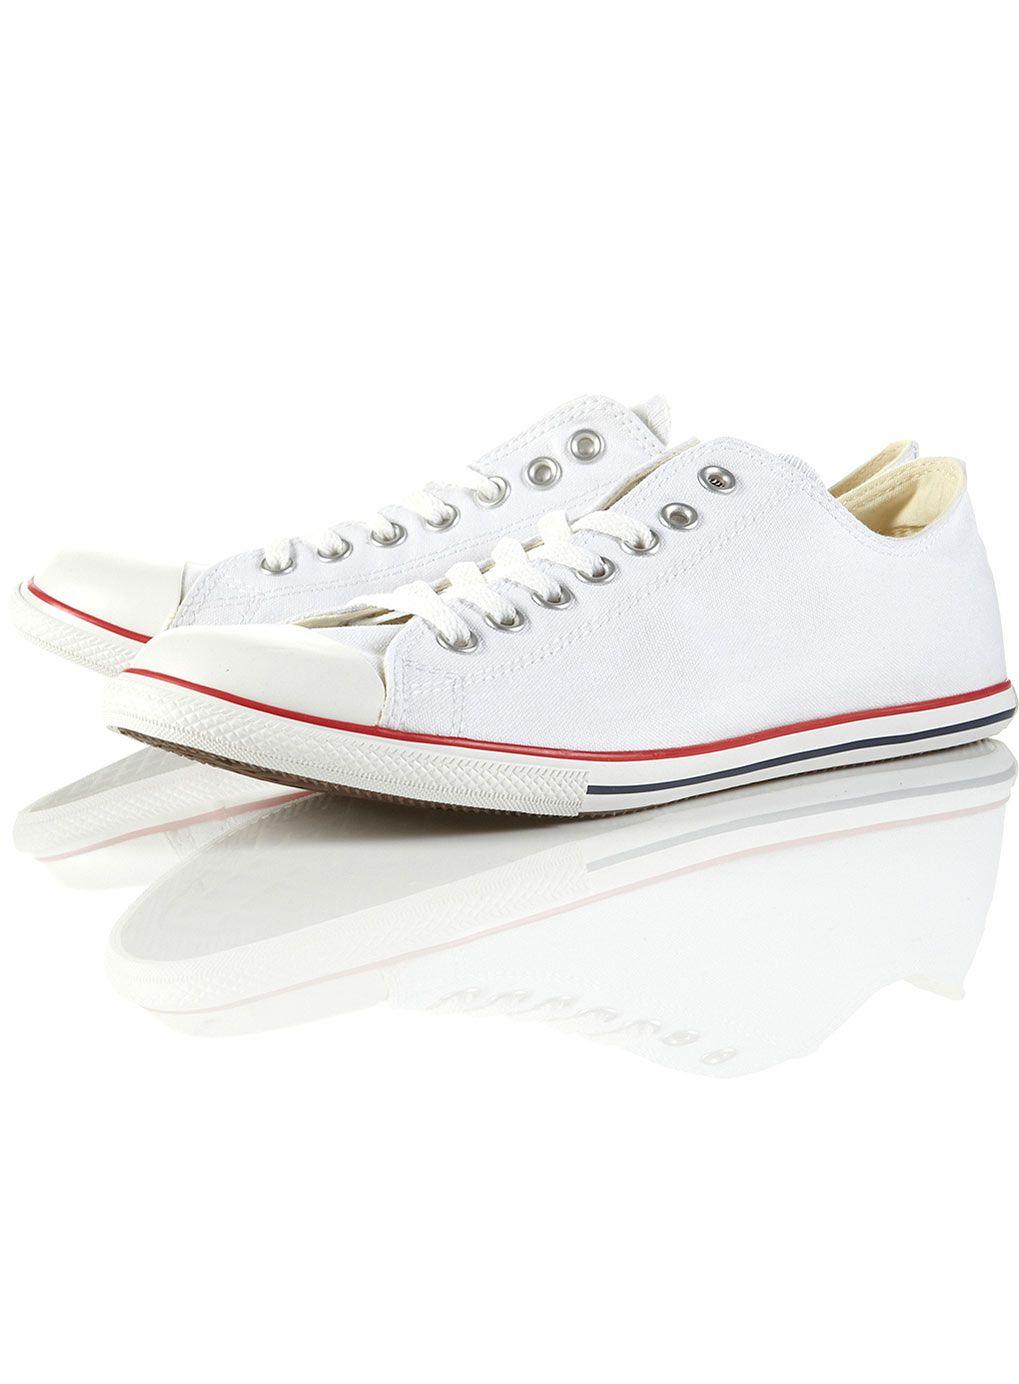 24e5cbda2d2a CONVERSE White Slim Trainers